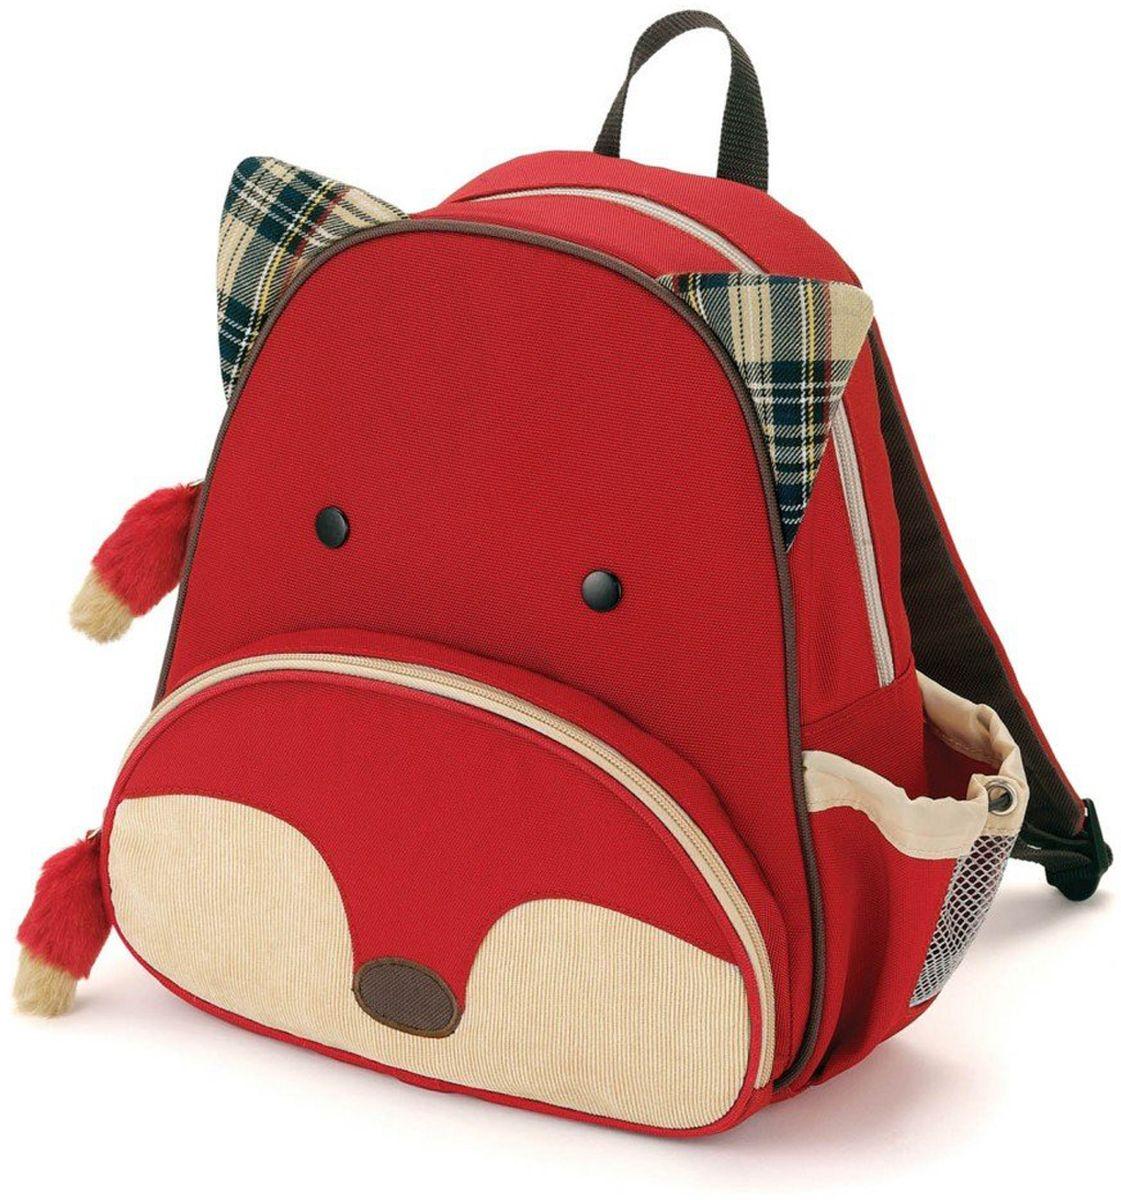 Skip Hop Рюкзак дошкольный ЛисичкаSH 210256Дошкольный рюкзак Skip Hop каждый день будет радовать вашего малыша, вызывать улыбки у прохожих и зависть у сверстников. С ним можно ходить в детский сад, на прогулку, в гости к бабушке или ездить на экскурсии.Рюкзак имеет одно основное отделение на застежке-молнии, в которое легко поместятся книжка, альбом для рисования, краски, фломастеры, любимая игрушка и контейнер с едой, а кармашек сбоку предназначен специально для бутылочки с водой. Передний карман на молнии предназначен для мелких вещей.Рюкзак оснащен ручкой для переноски в руках и лямками регулируемой длины.